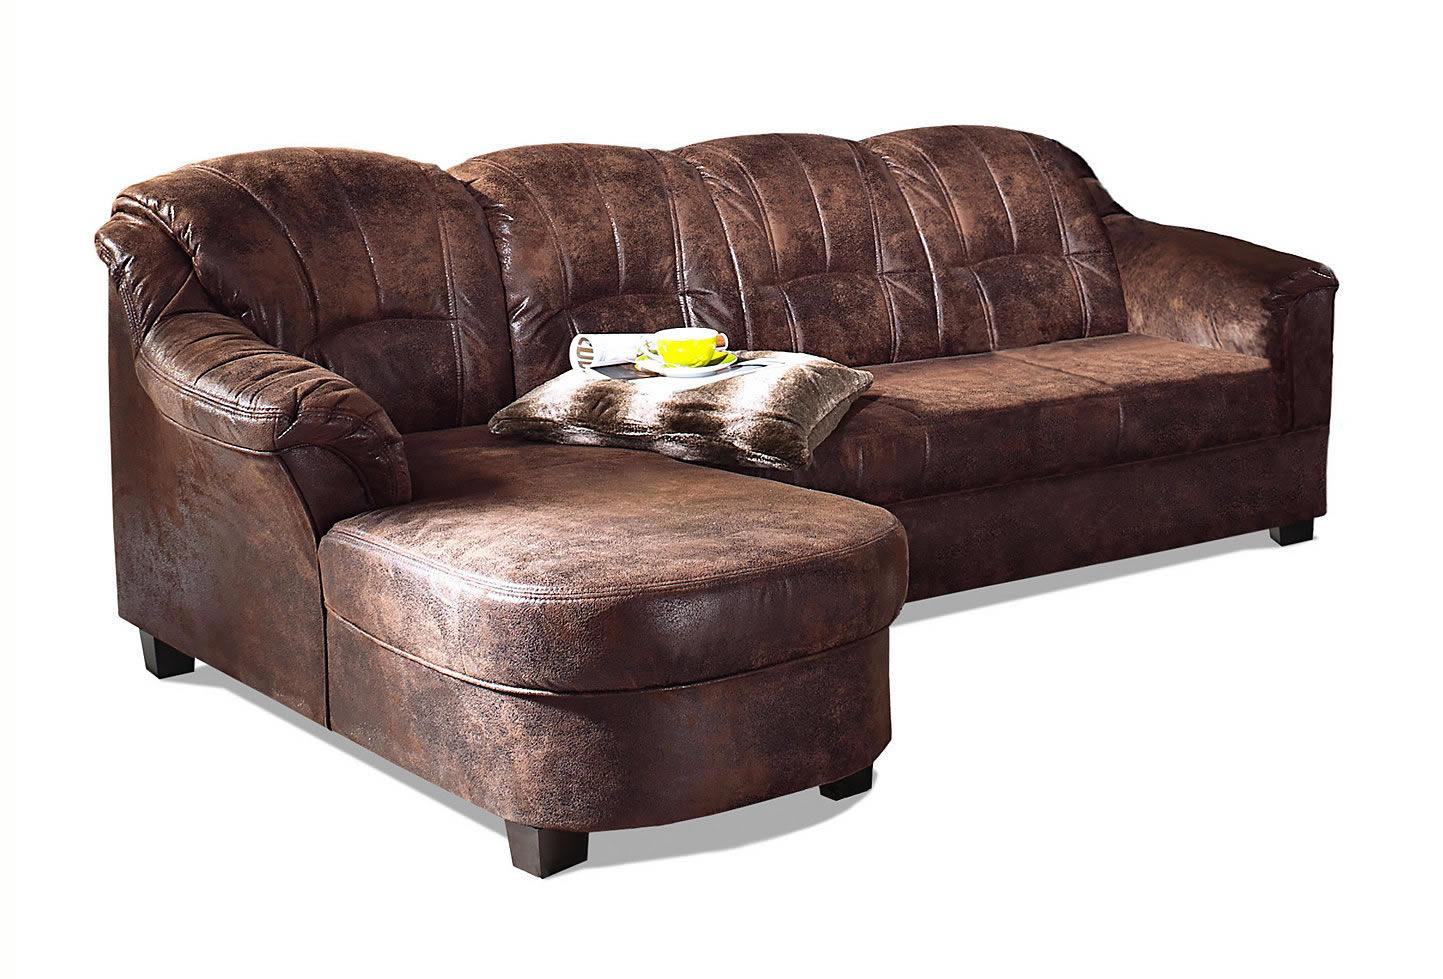 ecksofas leder braun visavis products br hl sippold. Black Bedroom Furniture Sets. Home Design Ideas